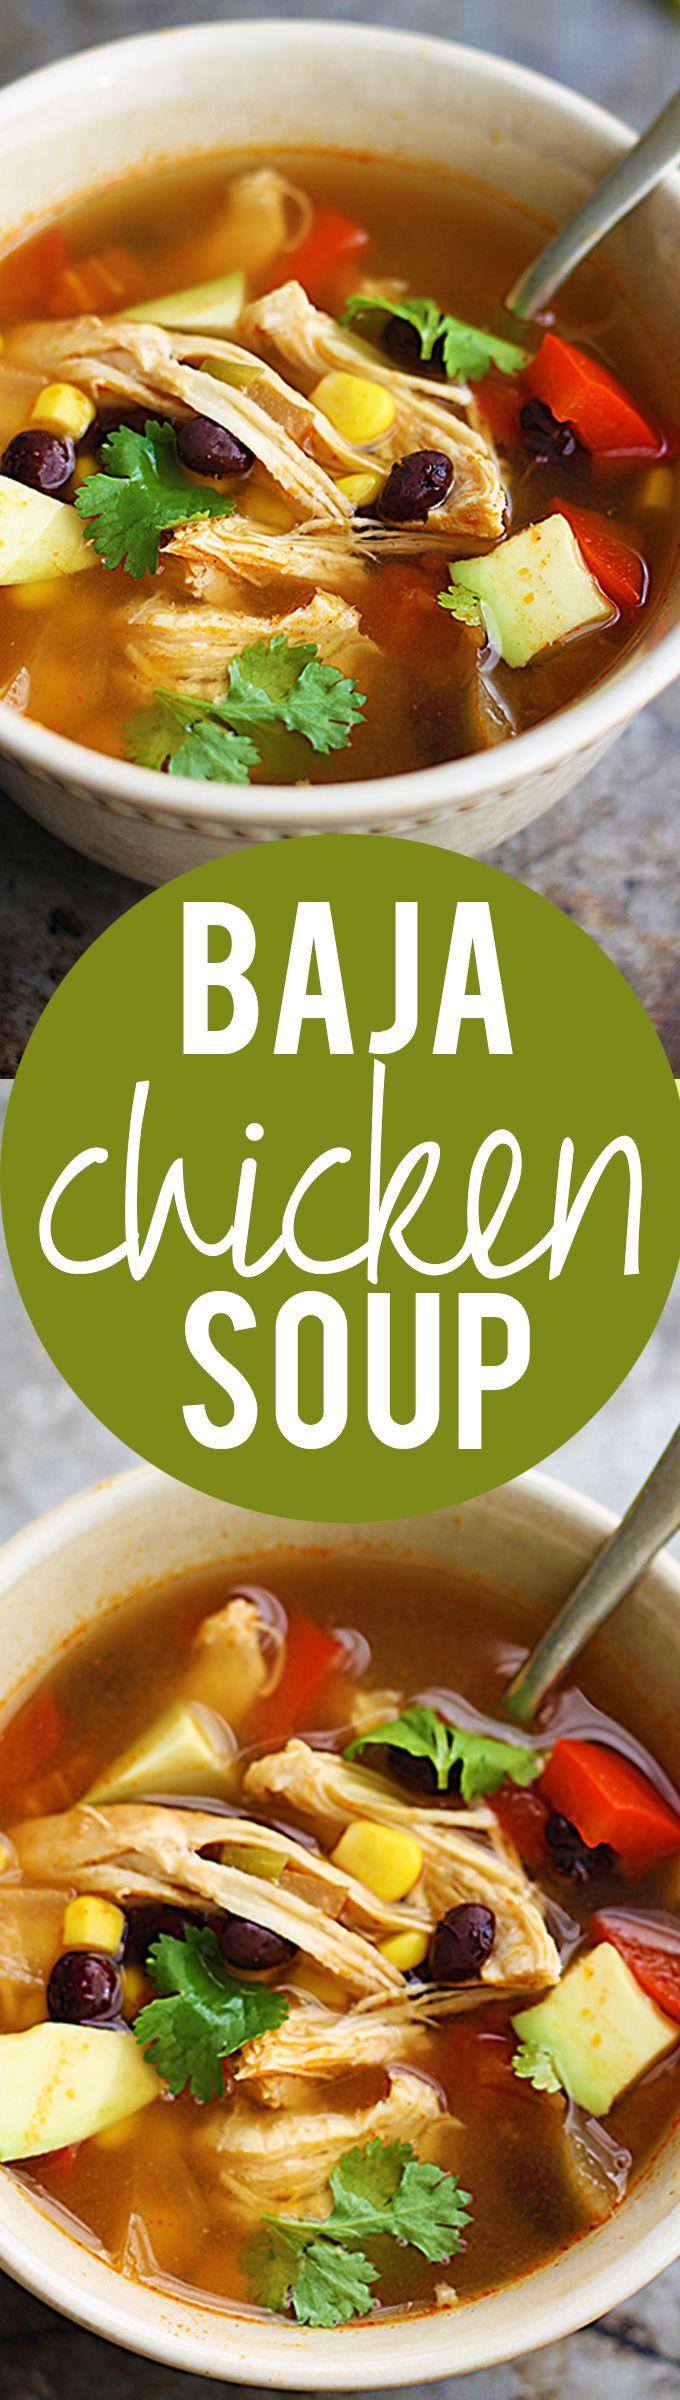 Baja Chicken Soup   Creme de la Crumb